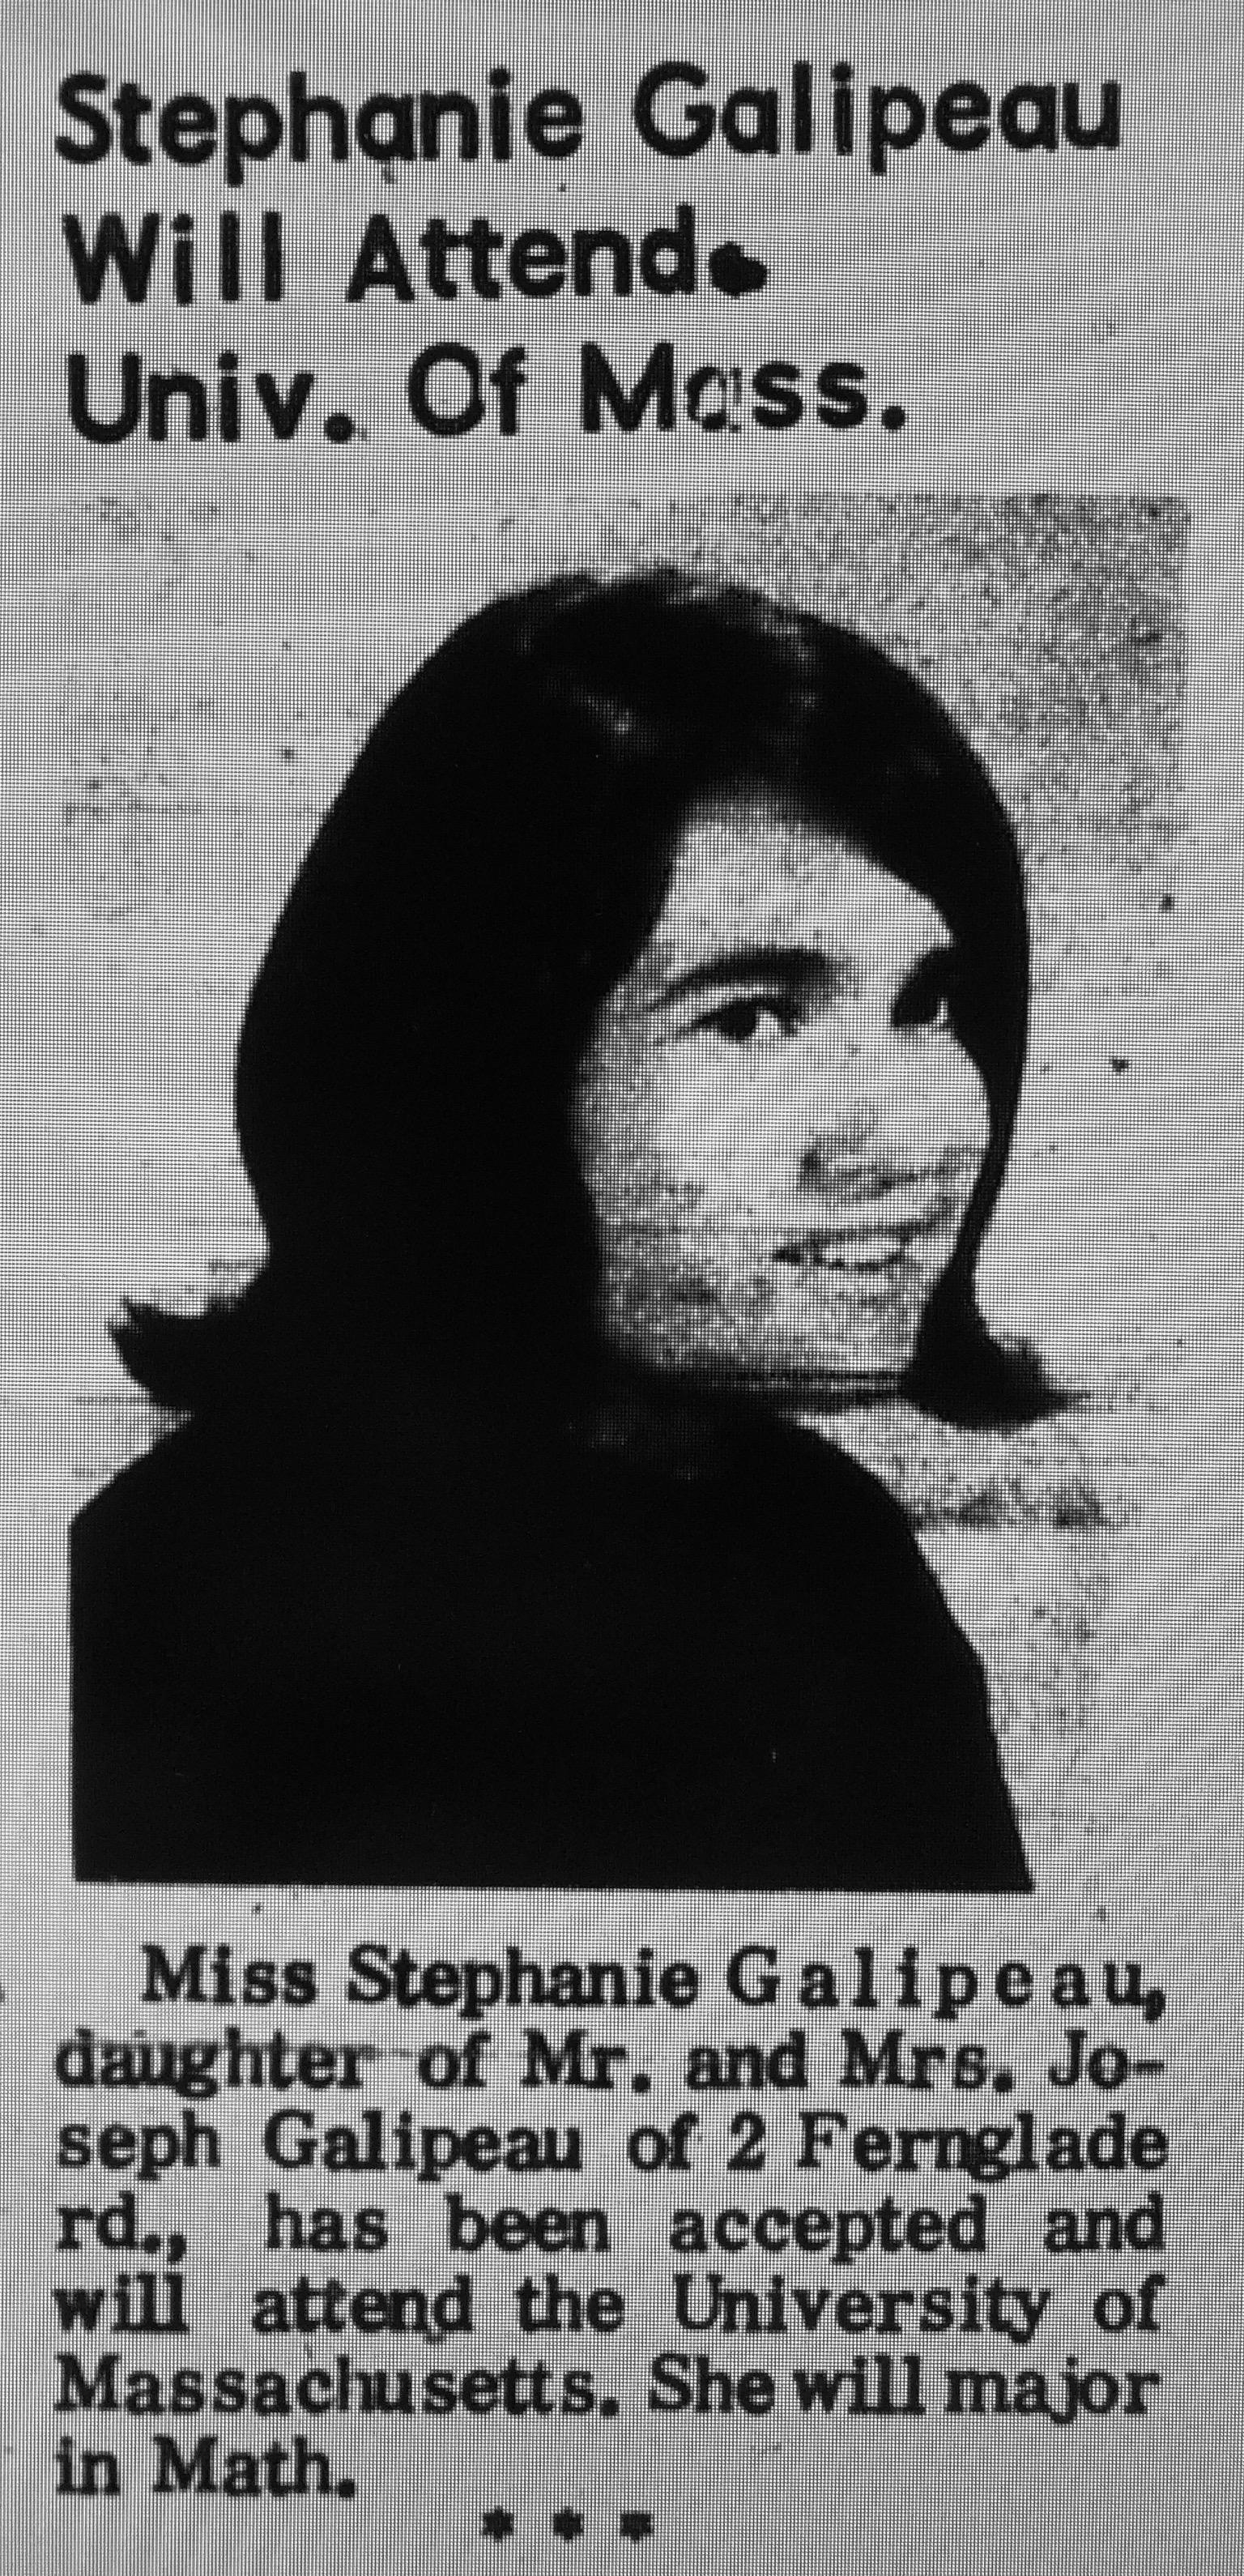 Stephanie Galipeau Umass Burlington MA